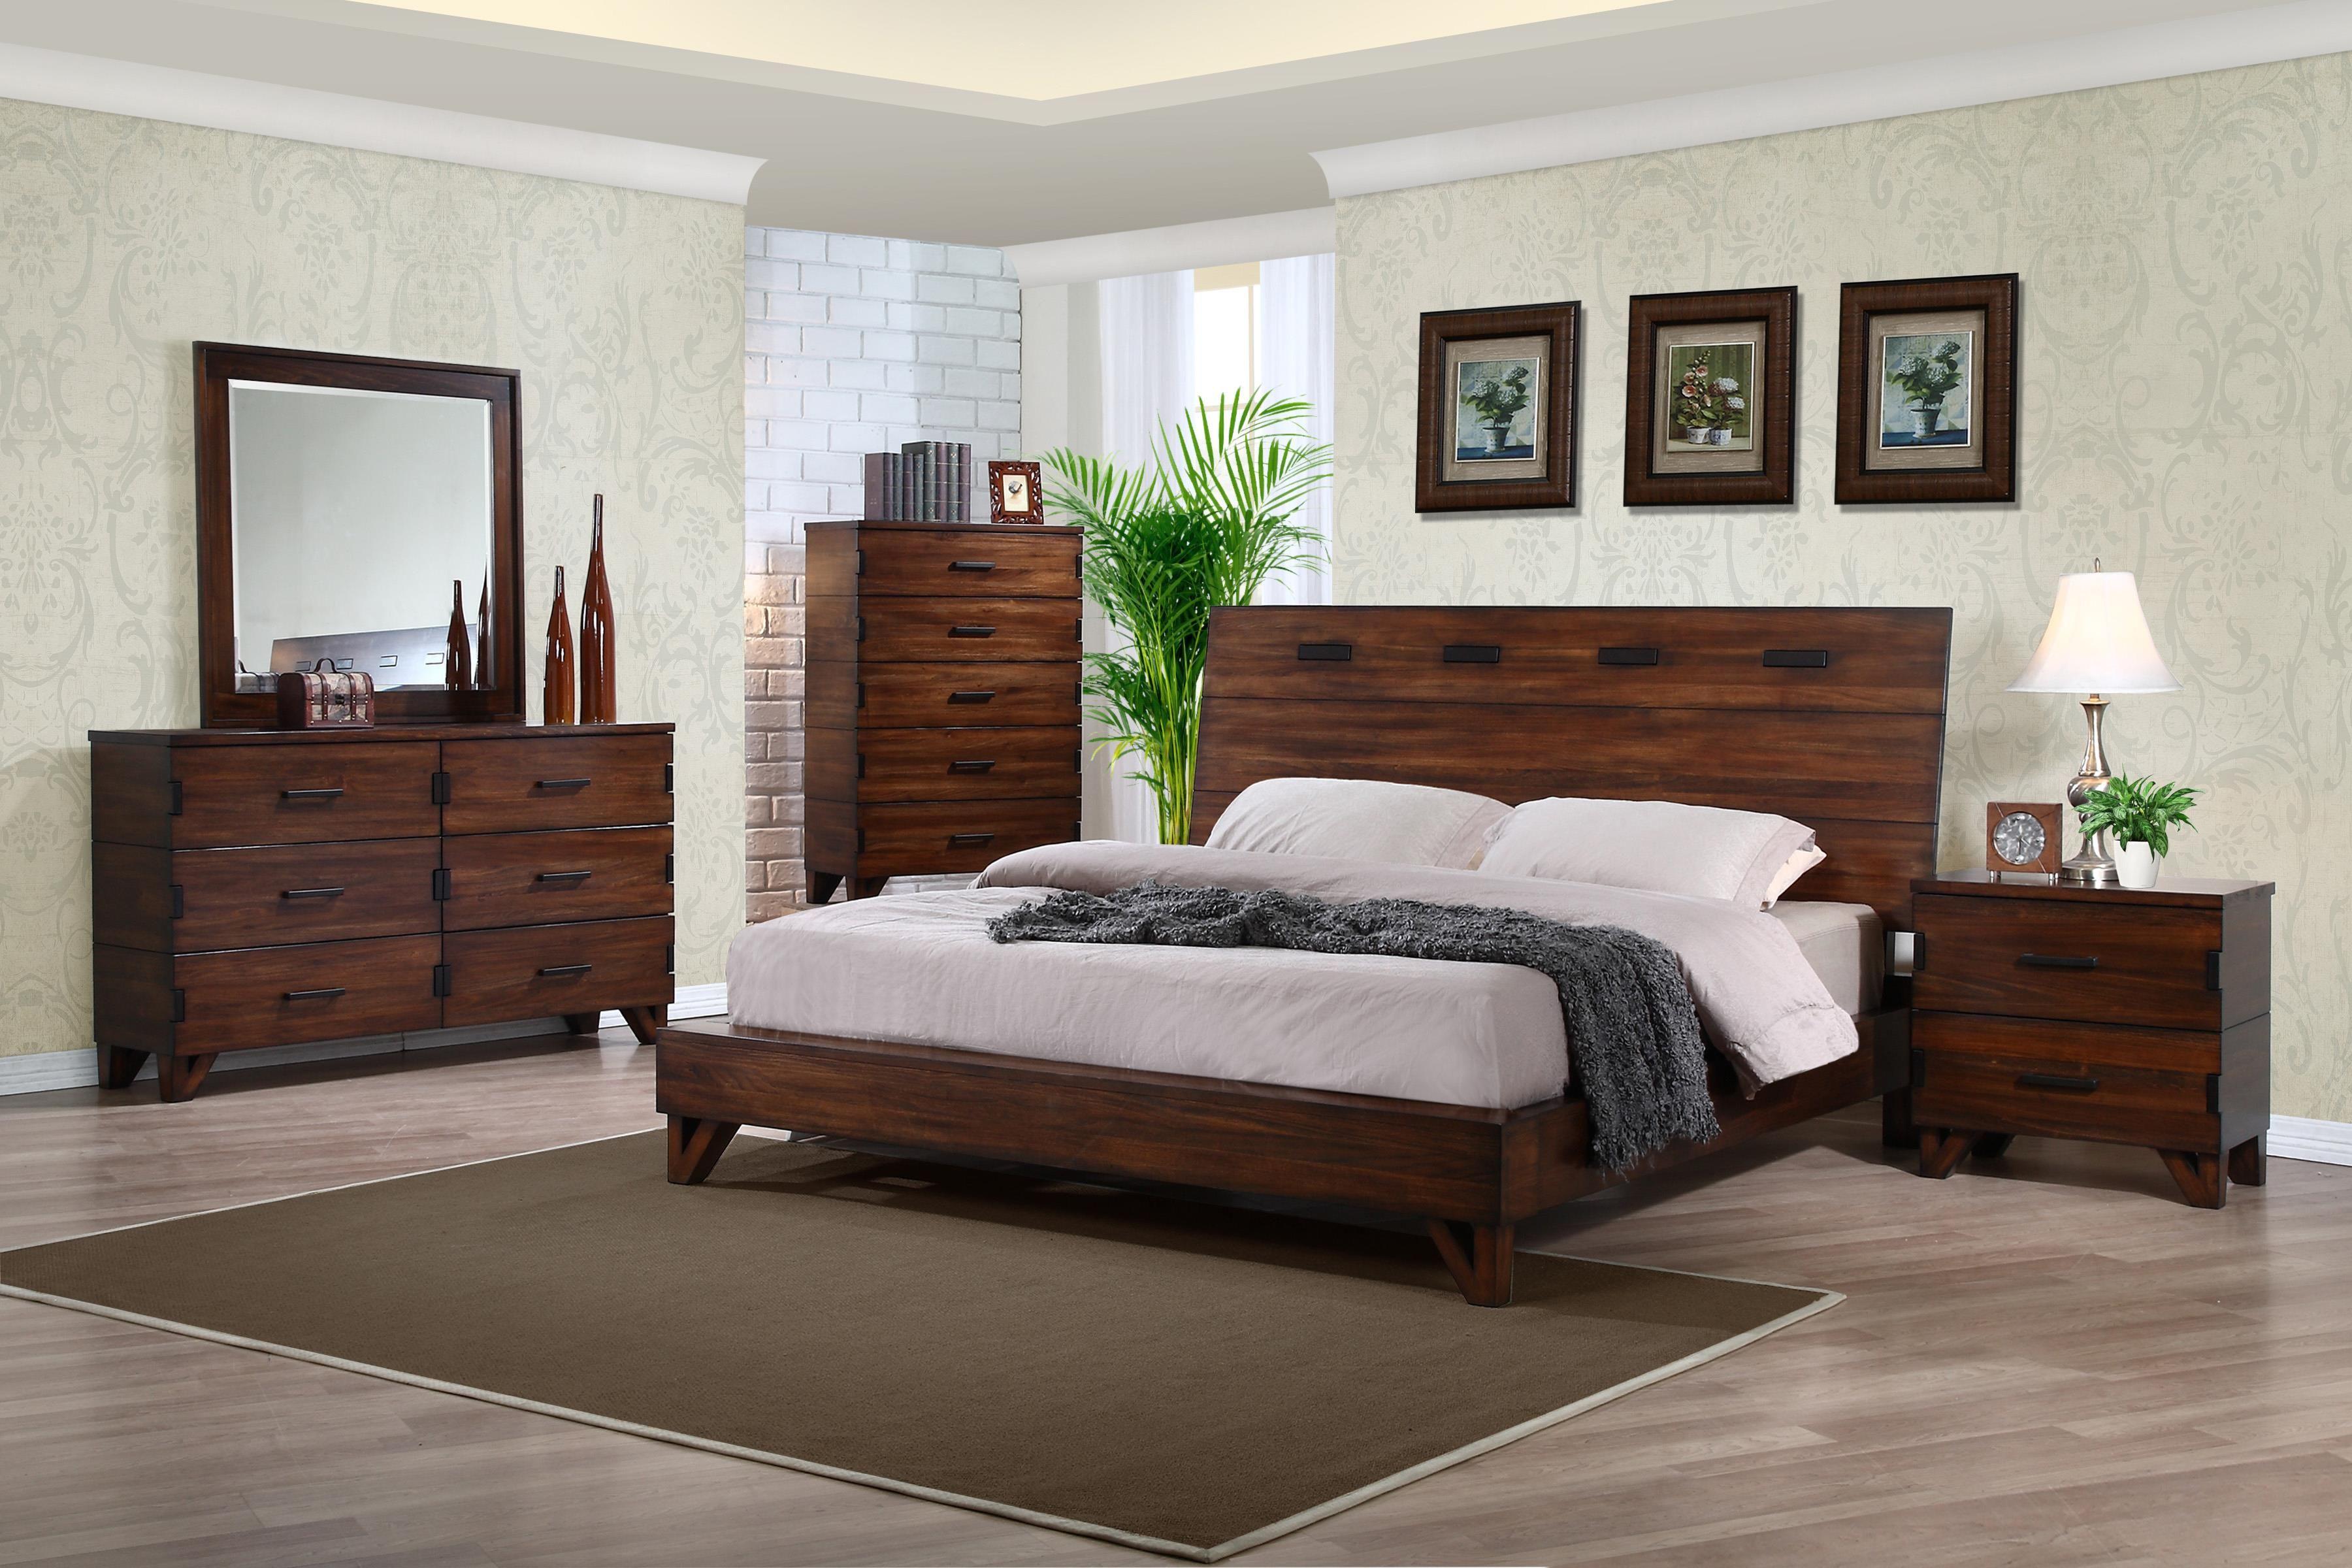 Pin On North Carolina Furniture